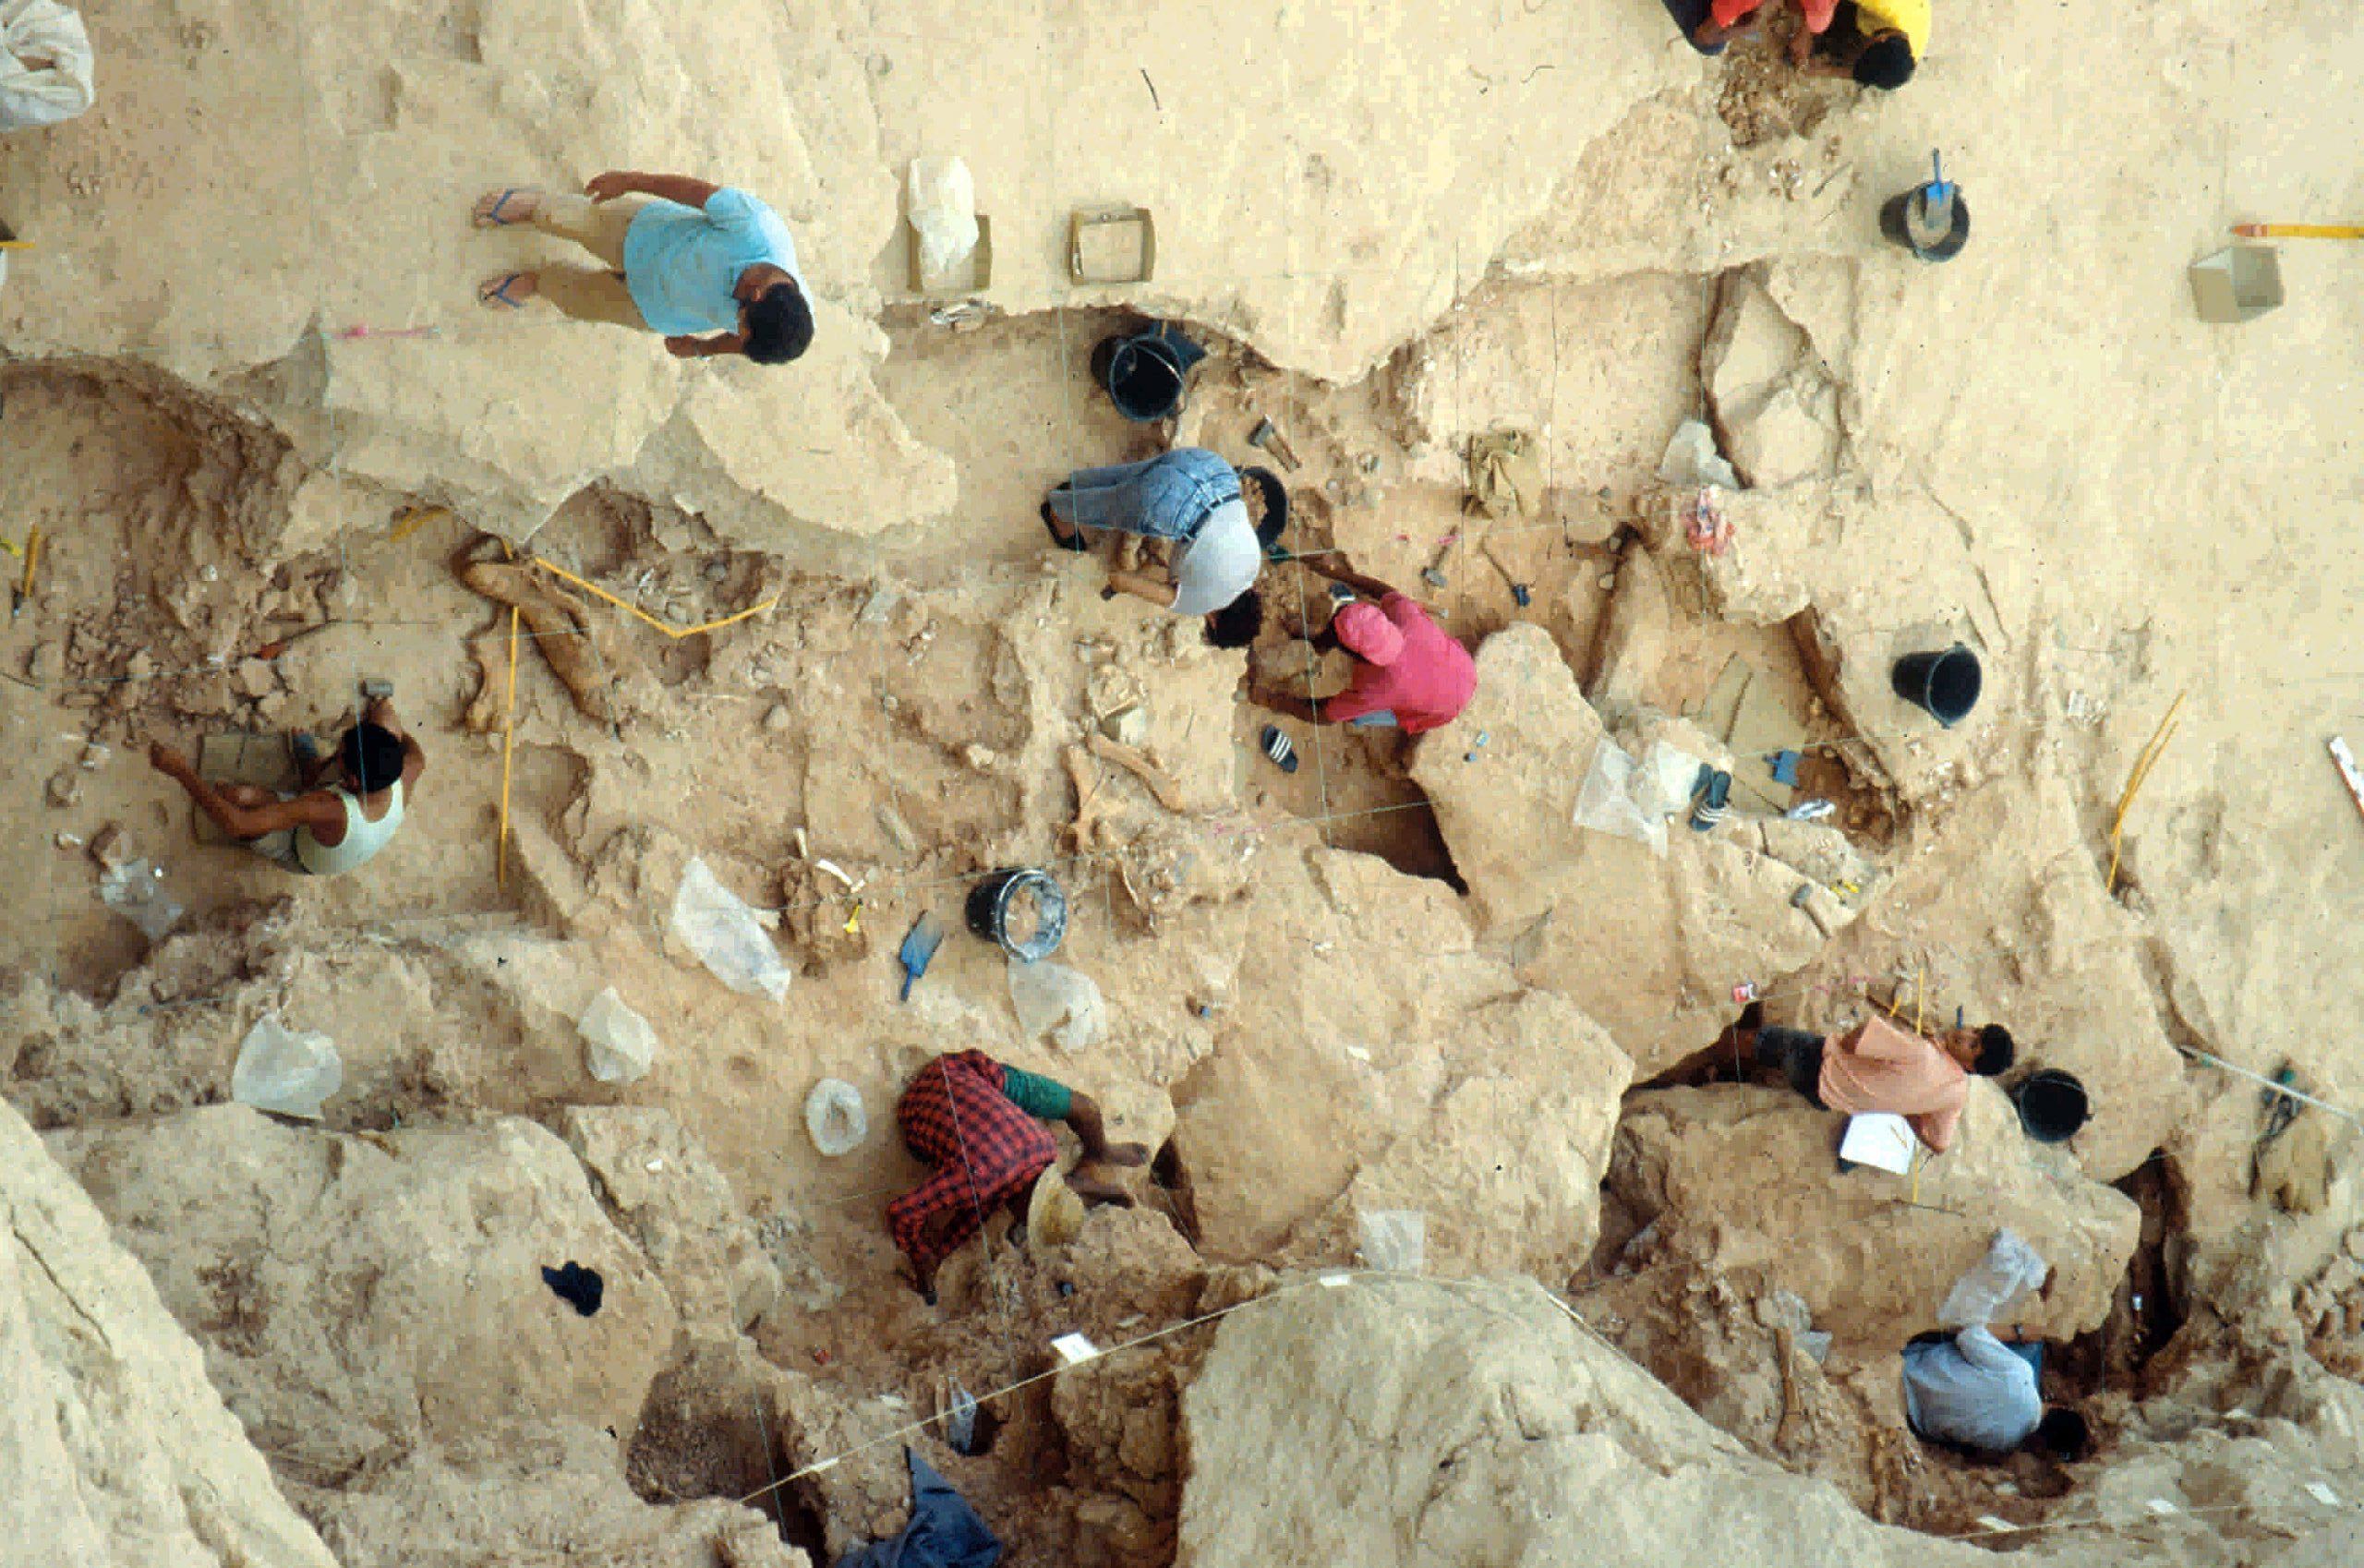 صورة 1 منظر لموقع مغارة وحيدي القرن مكان اكتشاف العظام التي تحتفظ بآثار الجزارة (مقلع أولاد حميدة 1، الدارالبيضاء).جون بول راينال